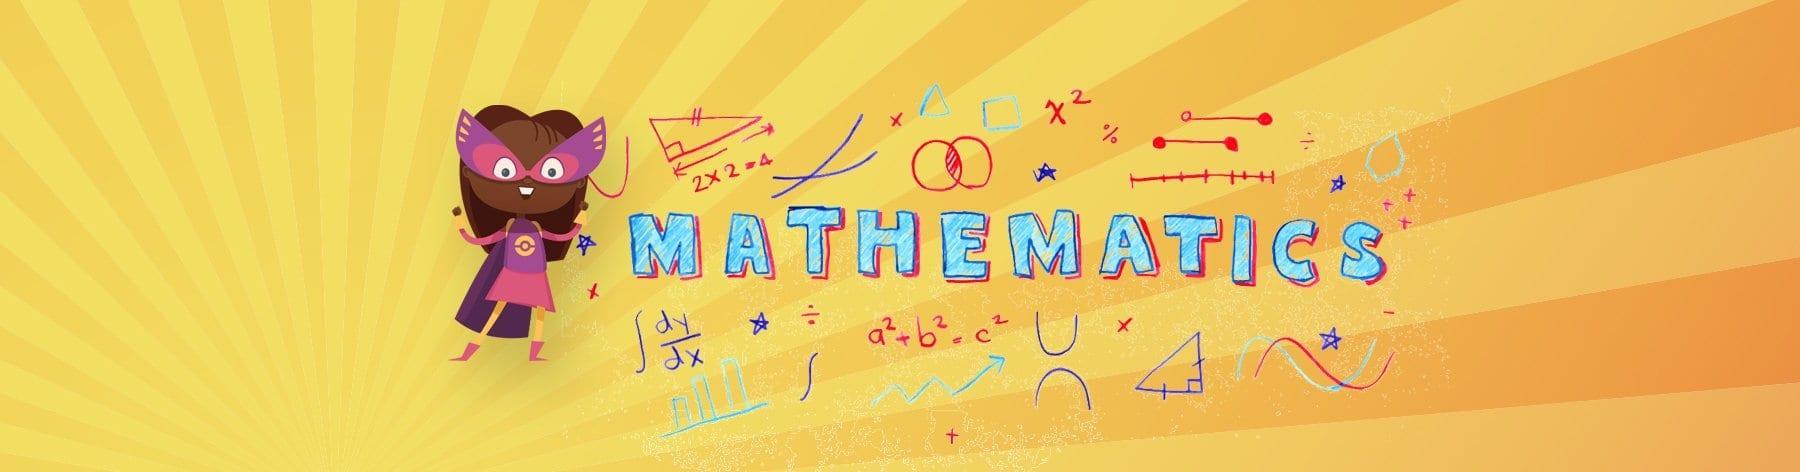 Math Homeschool Curriculum